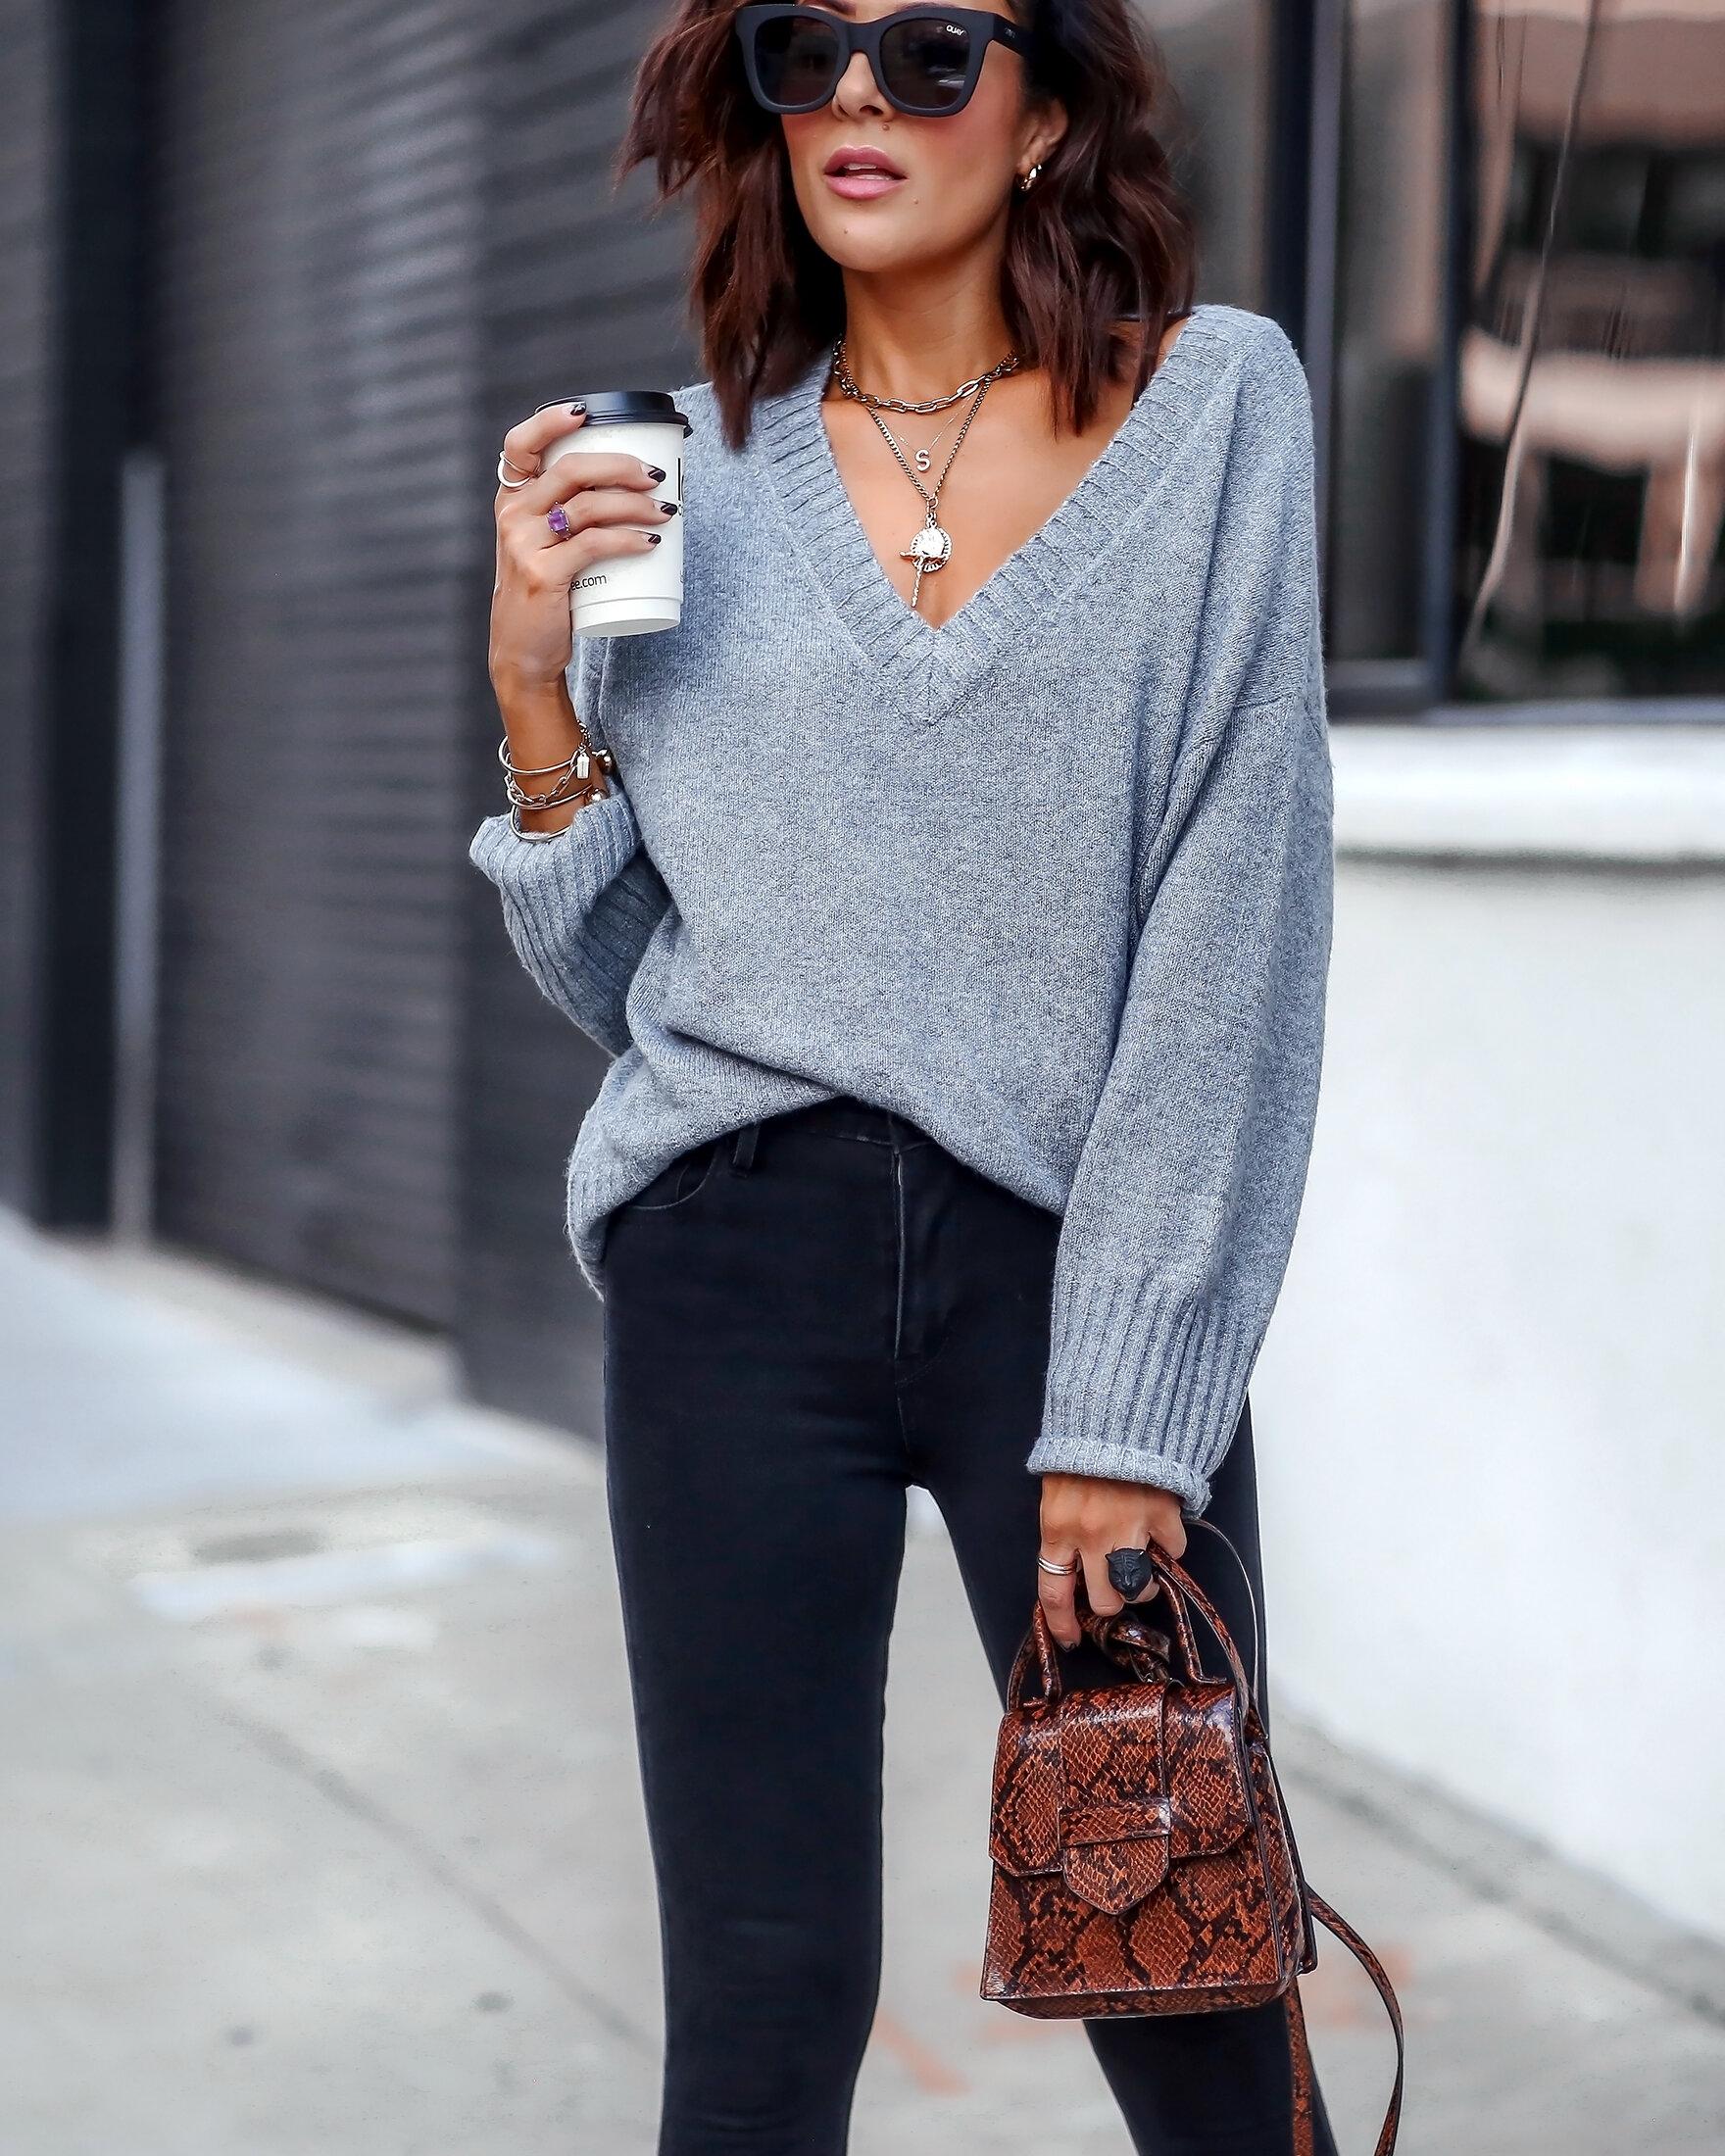 Brunette Woman Styling Fall Fashion